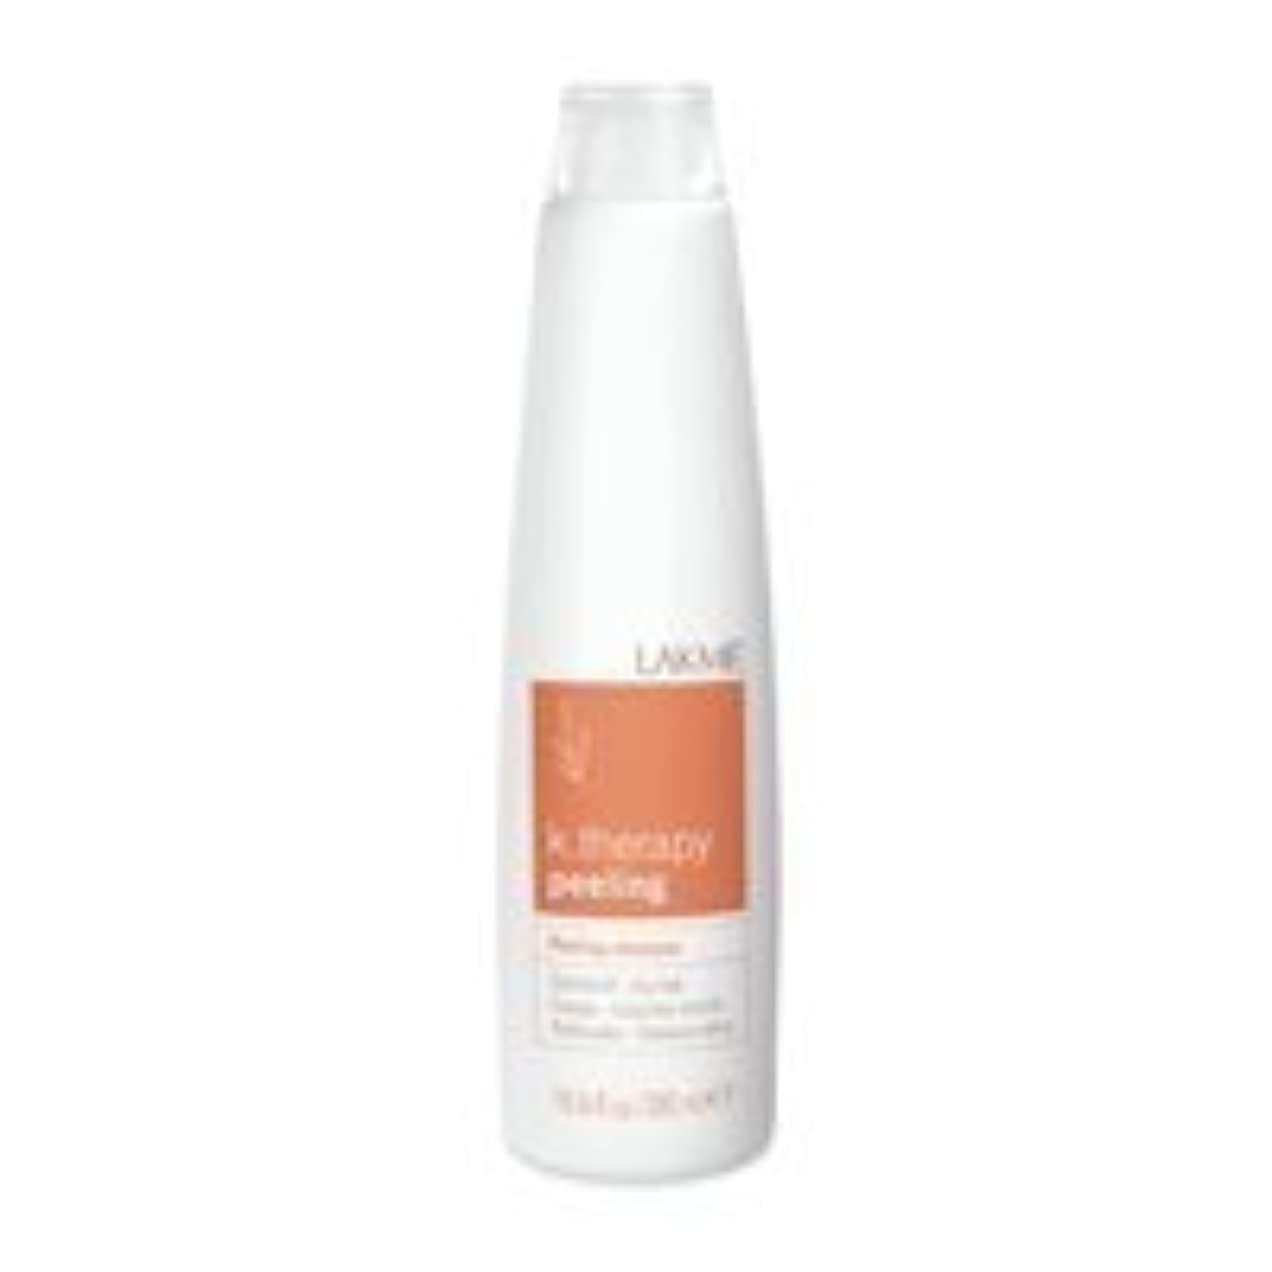 日曜日台風ひいきにするLakme K.Therapy Peeling Shampoo Dry Hair 10.6 oz by Lakme [並行輸入品]